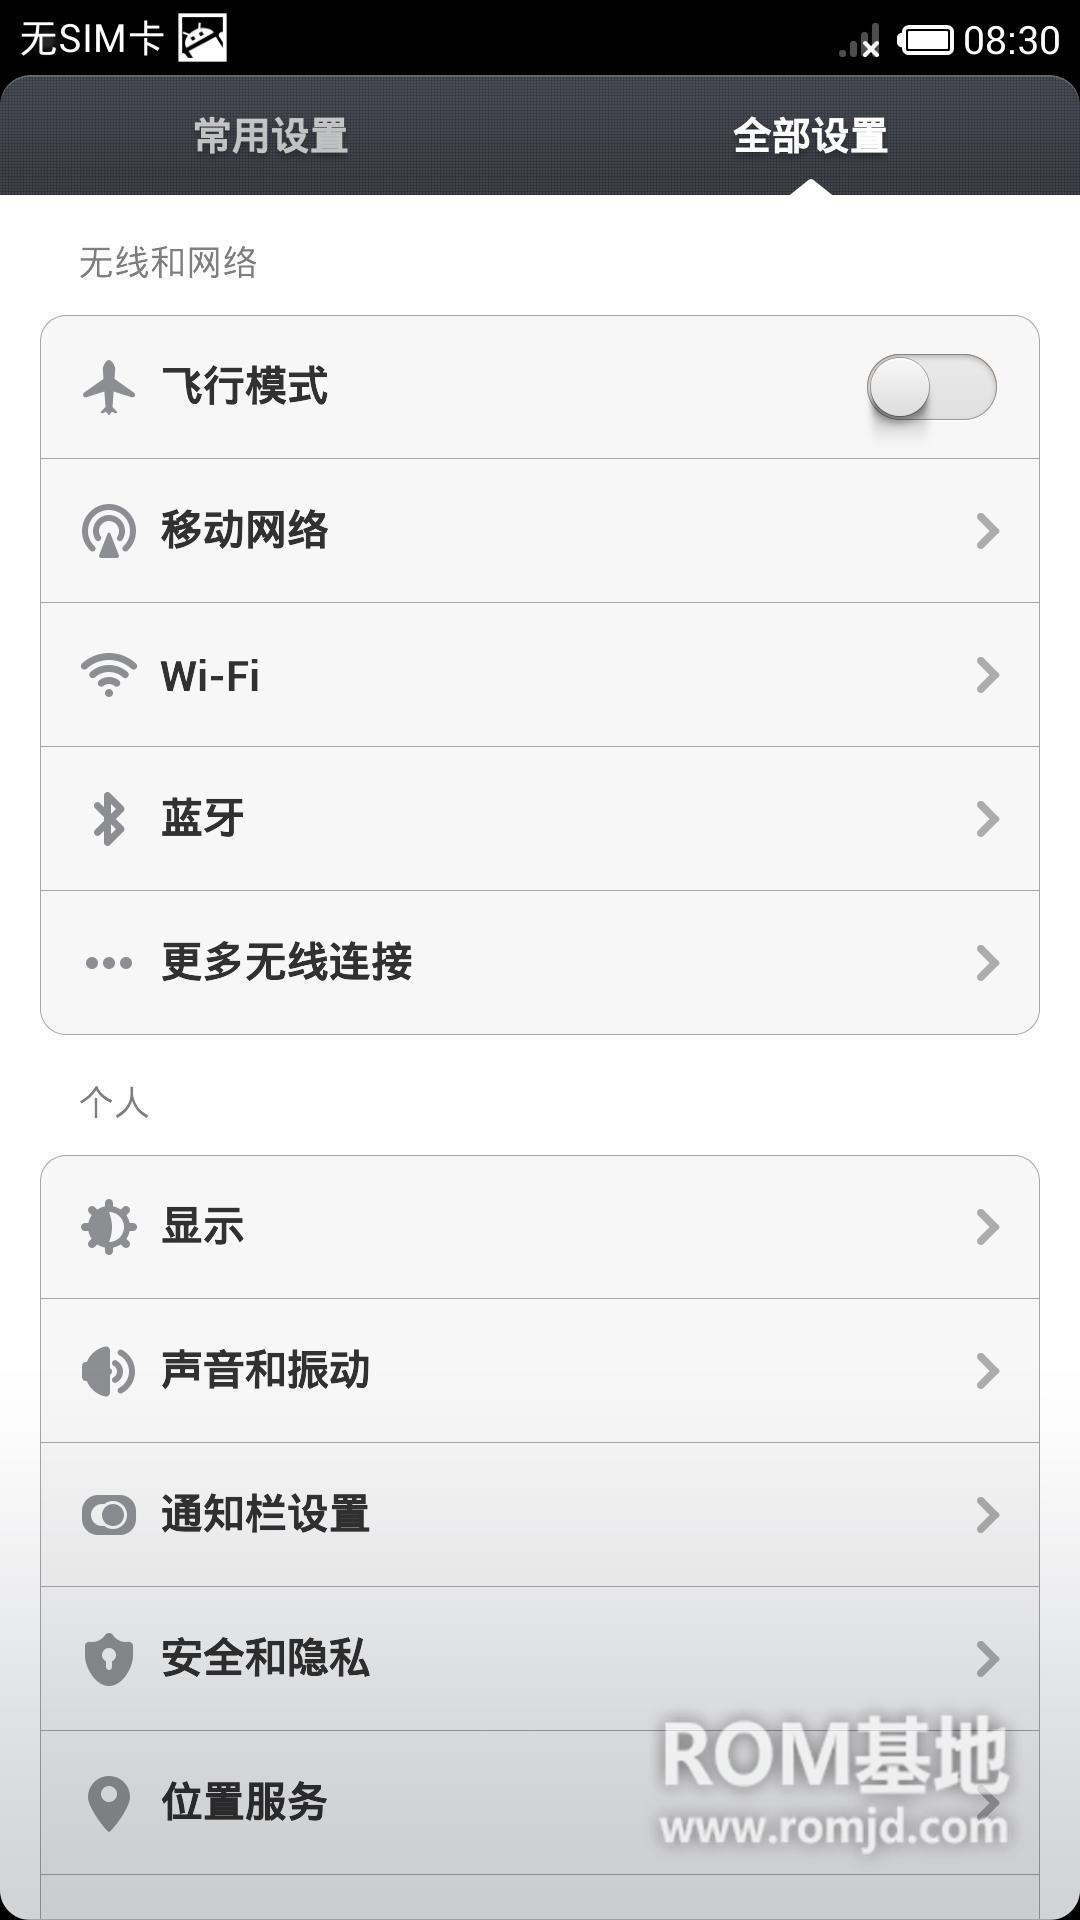 华为 g520 移动版 合作开发组 miui v5 4.4.24 开发版截图